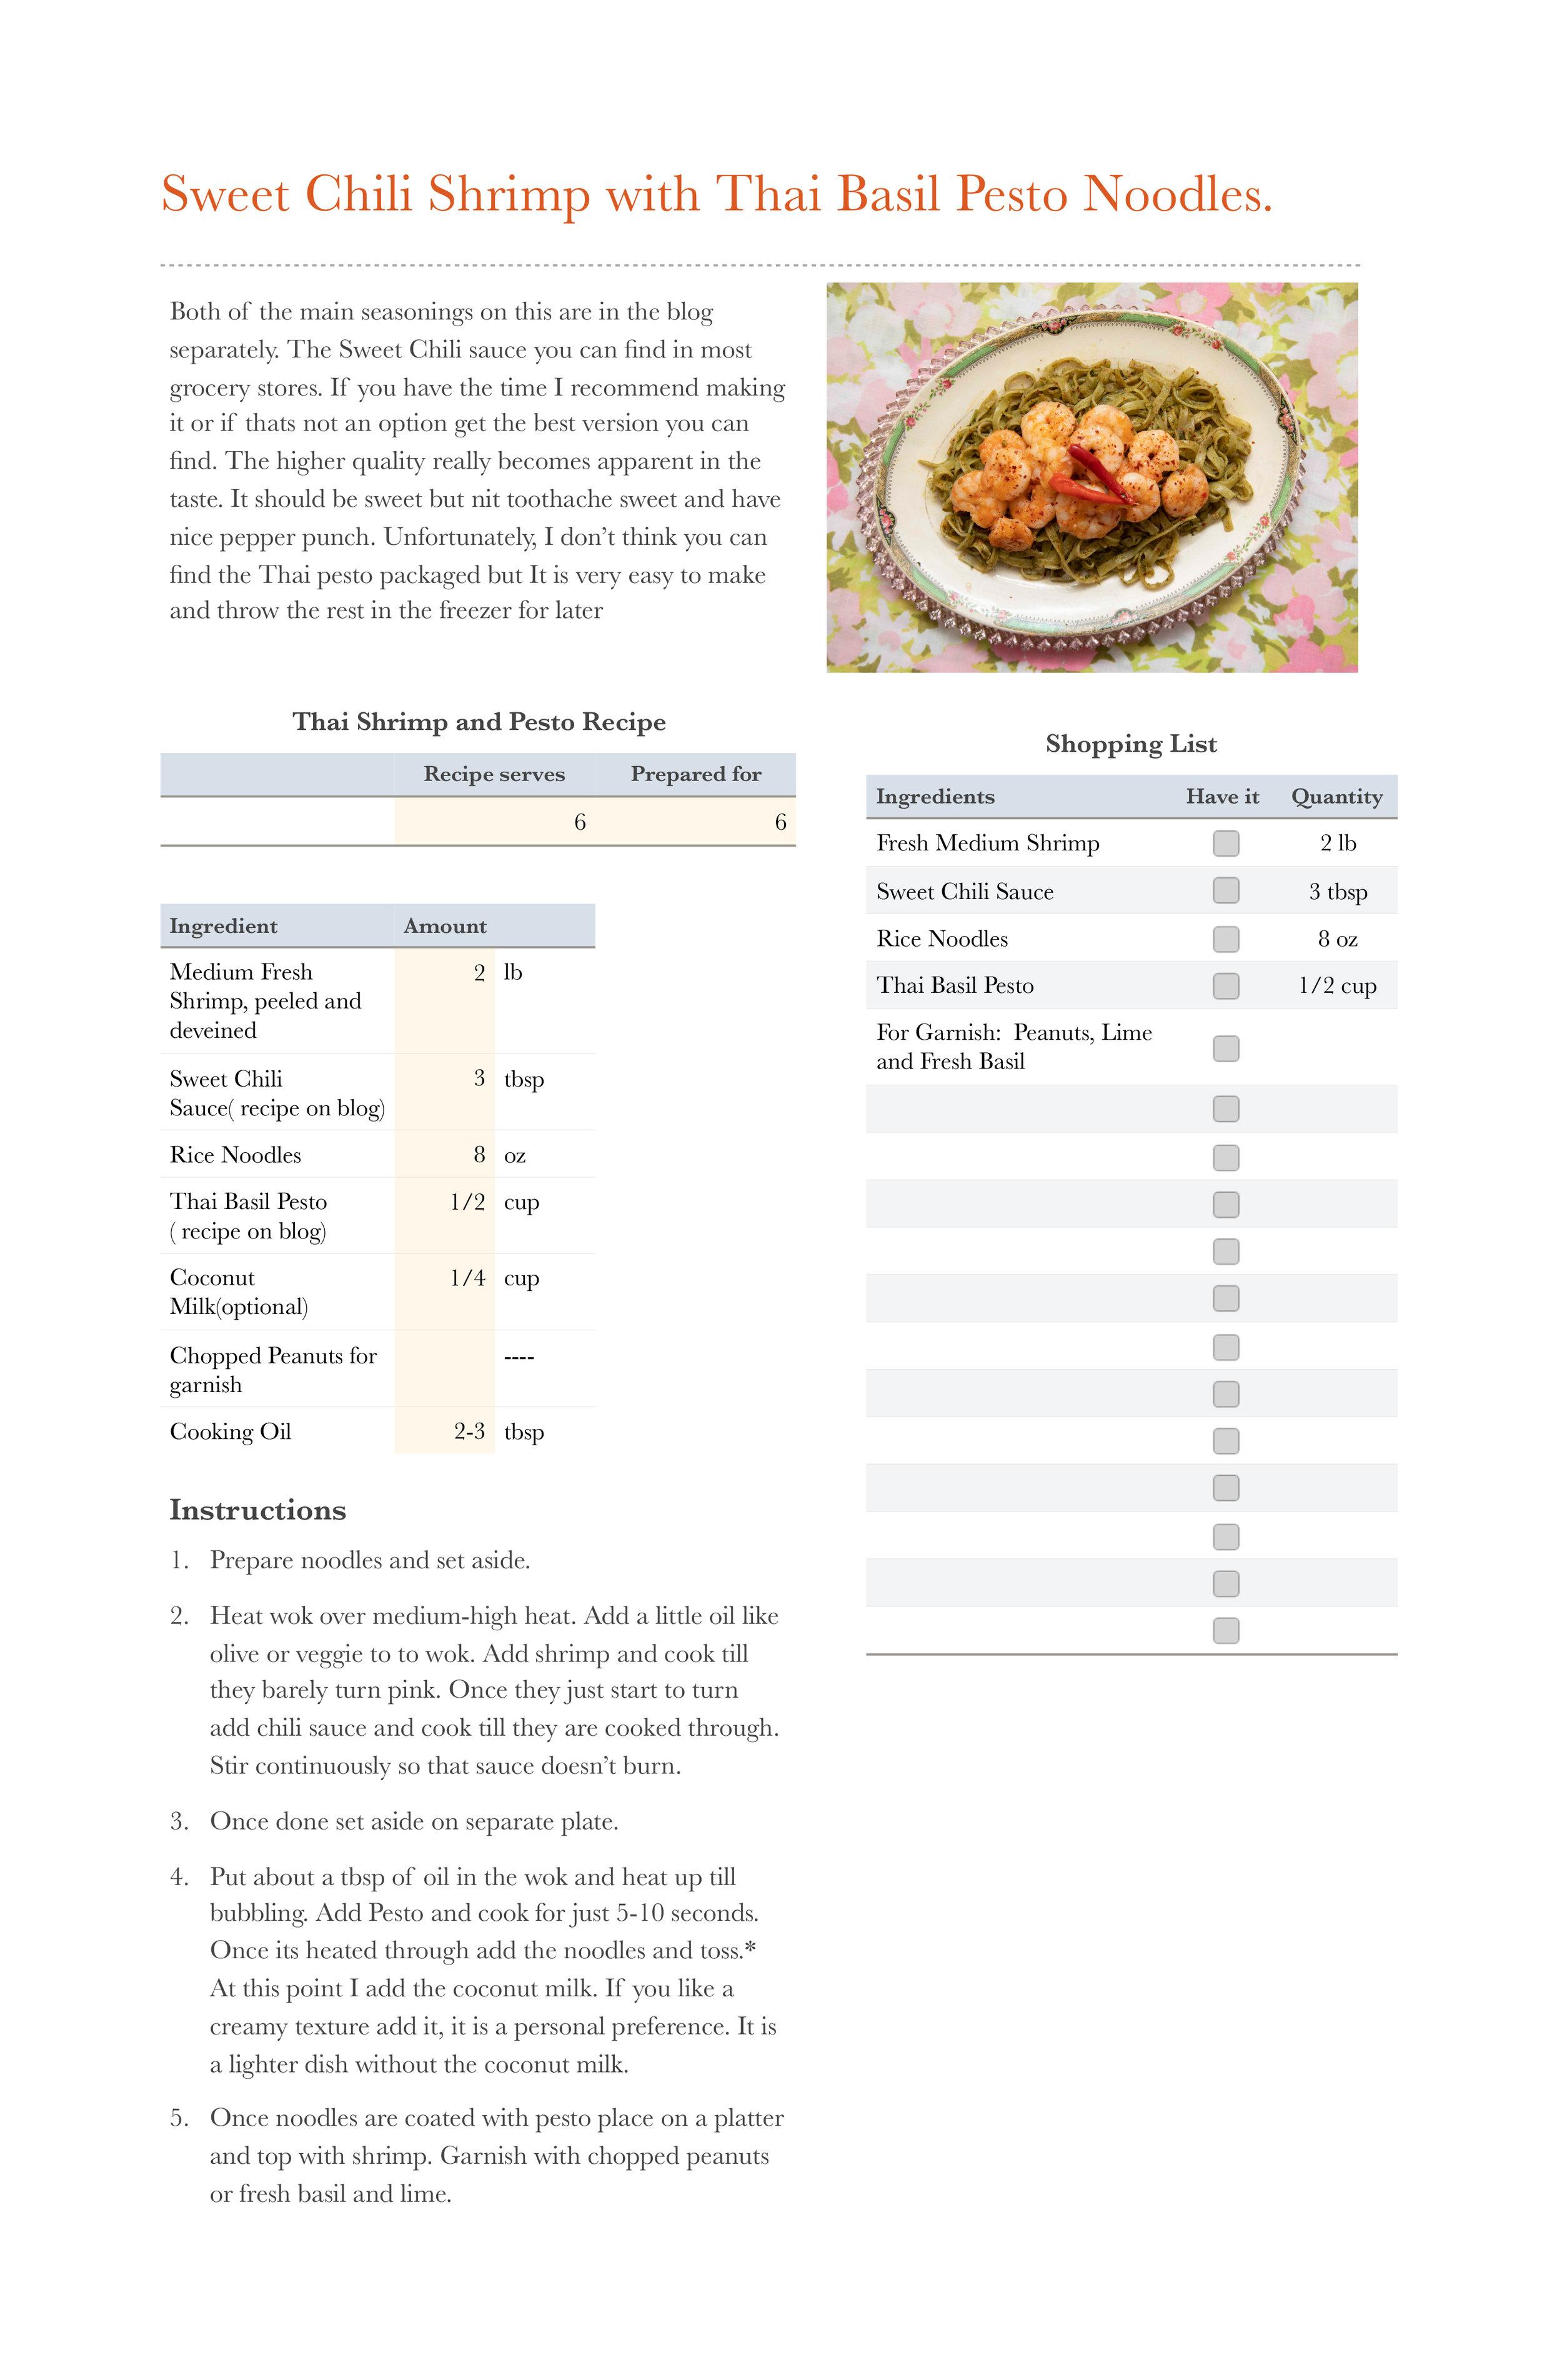 Sweet Chili Shrimp amd Pesto